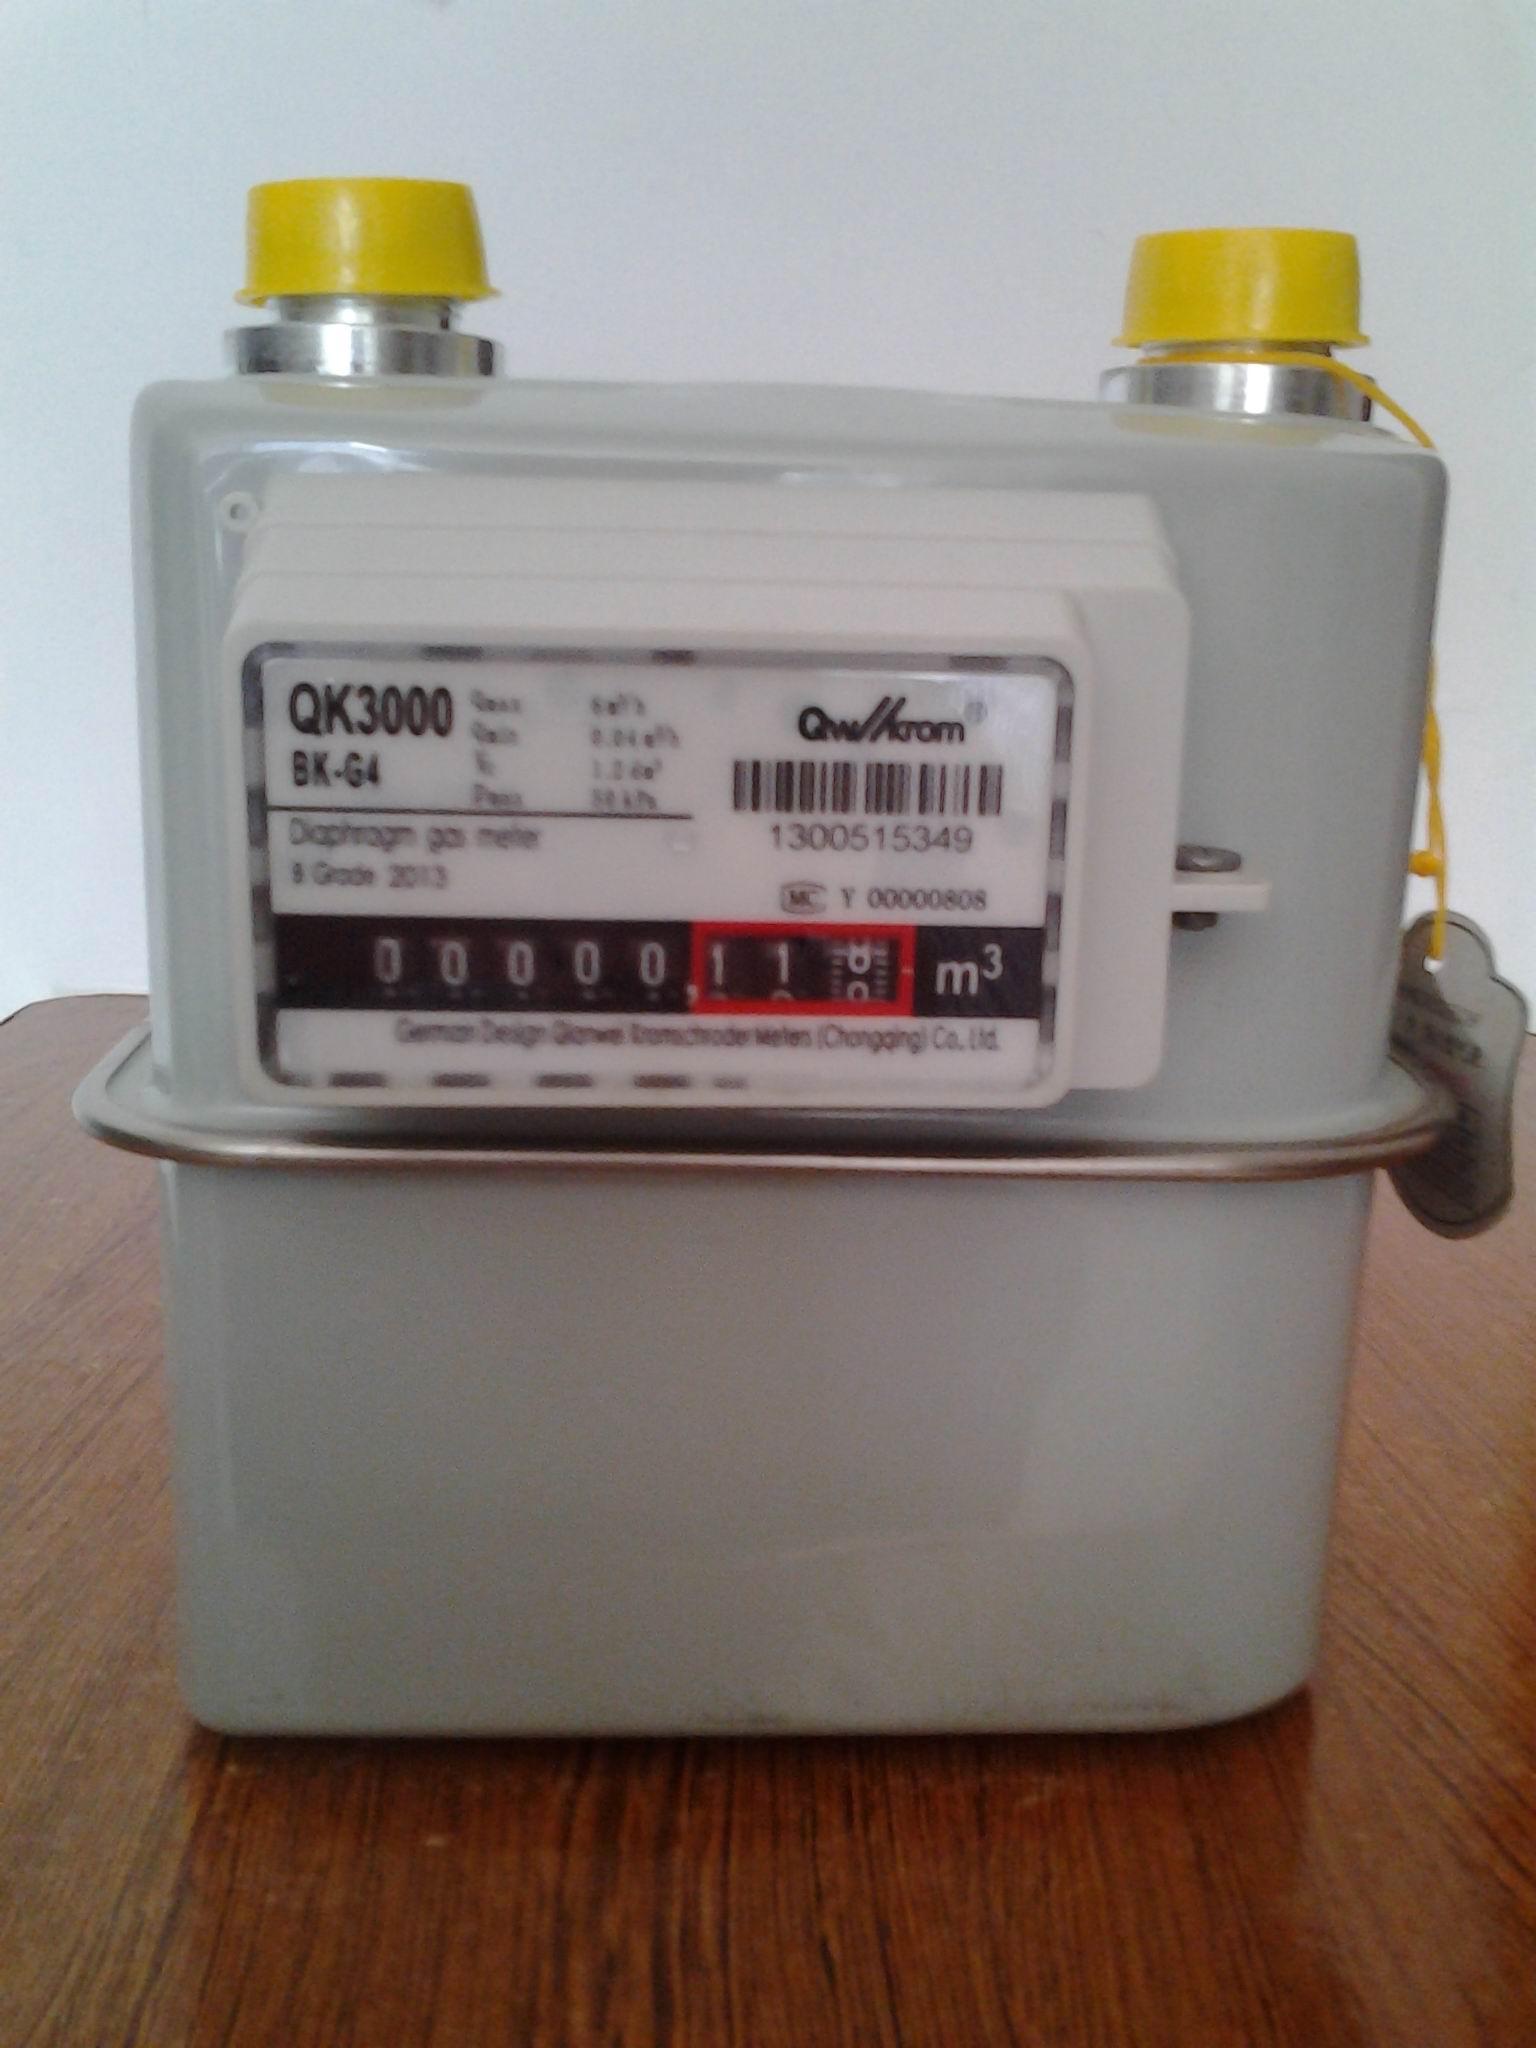 小区供气燃气表G4膜式燃气表厂家直销